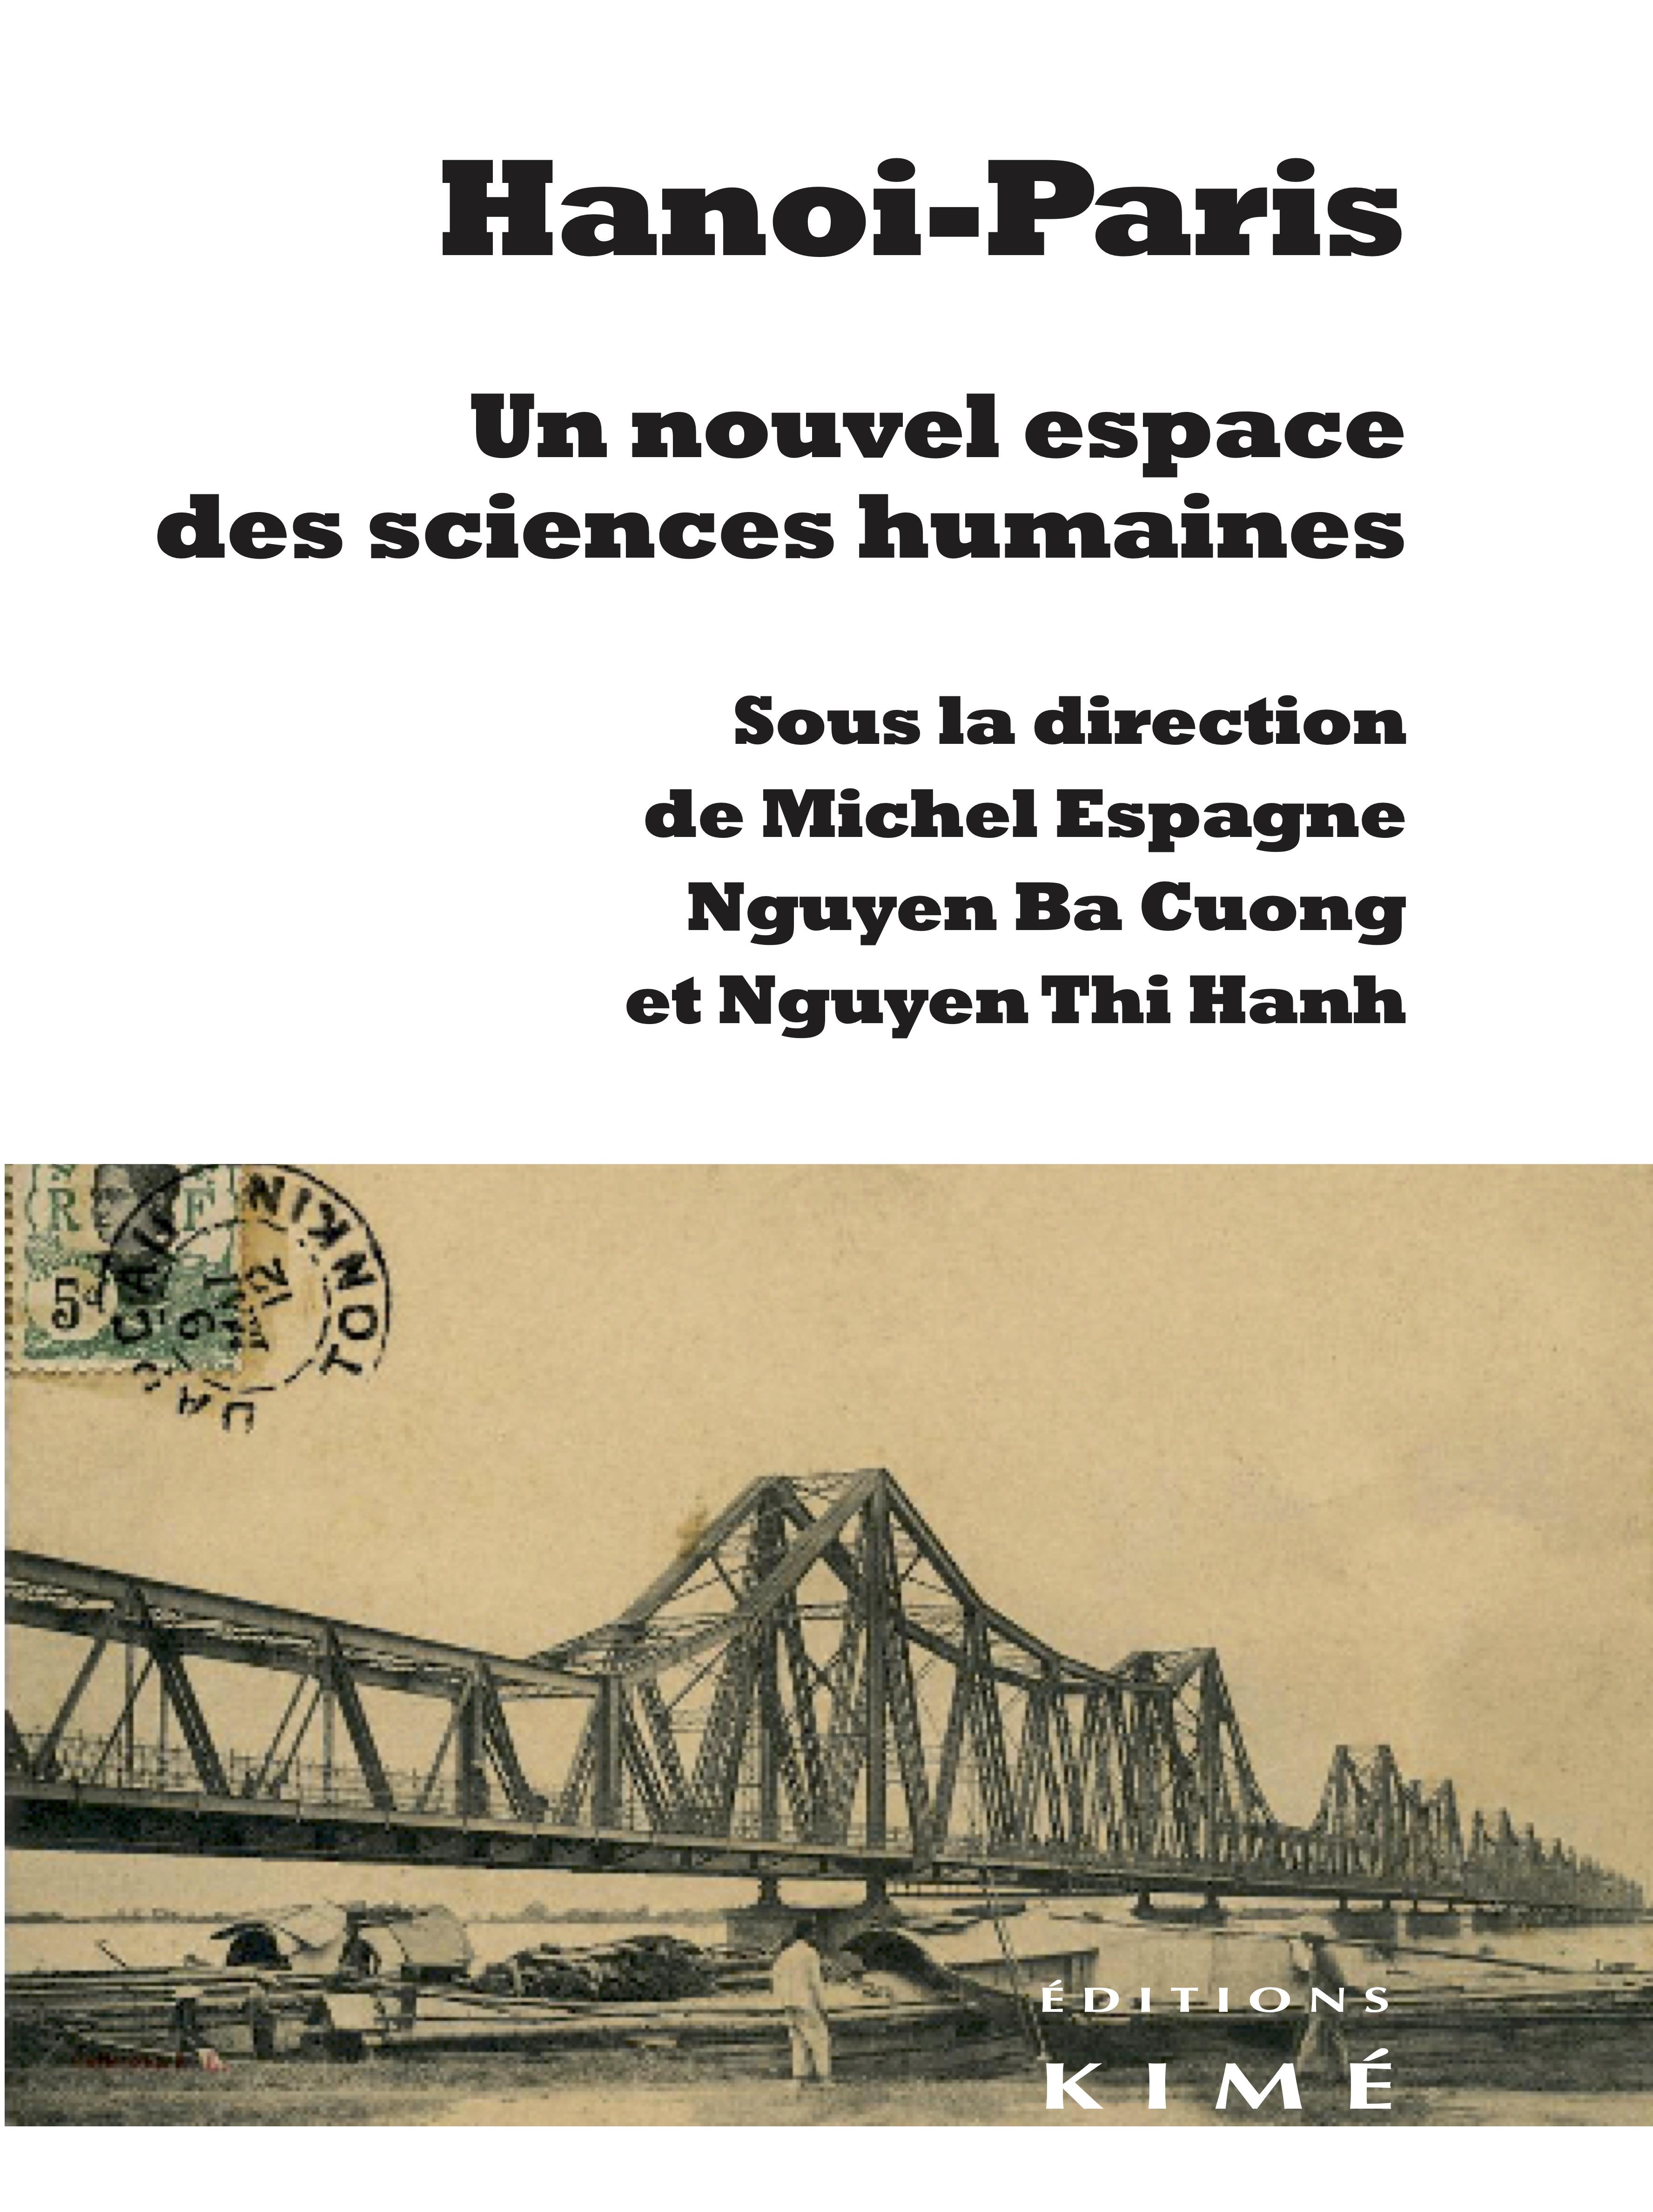 HANOI-PARIS. UN NOUVEL ESPACE DES SCIENCES HUMAINES